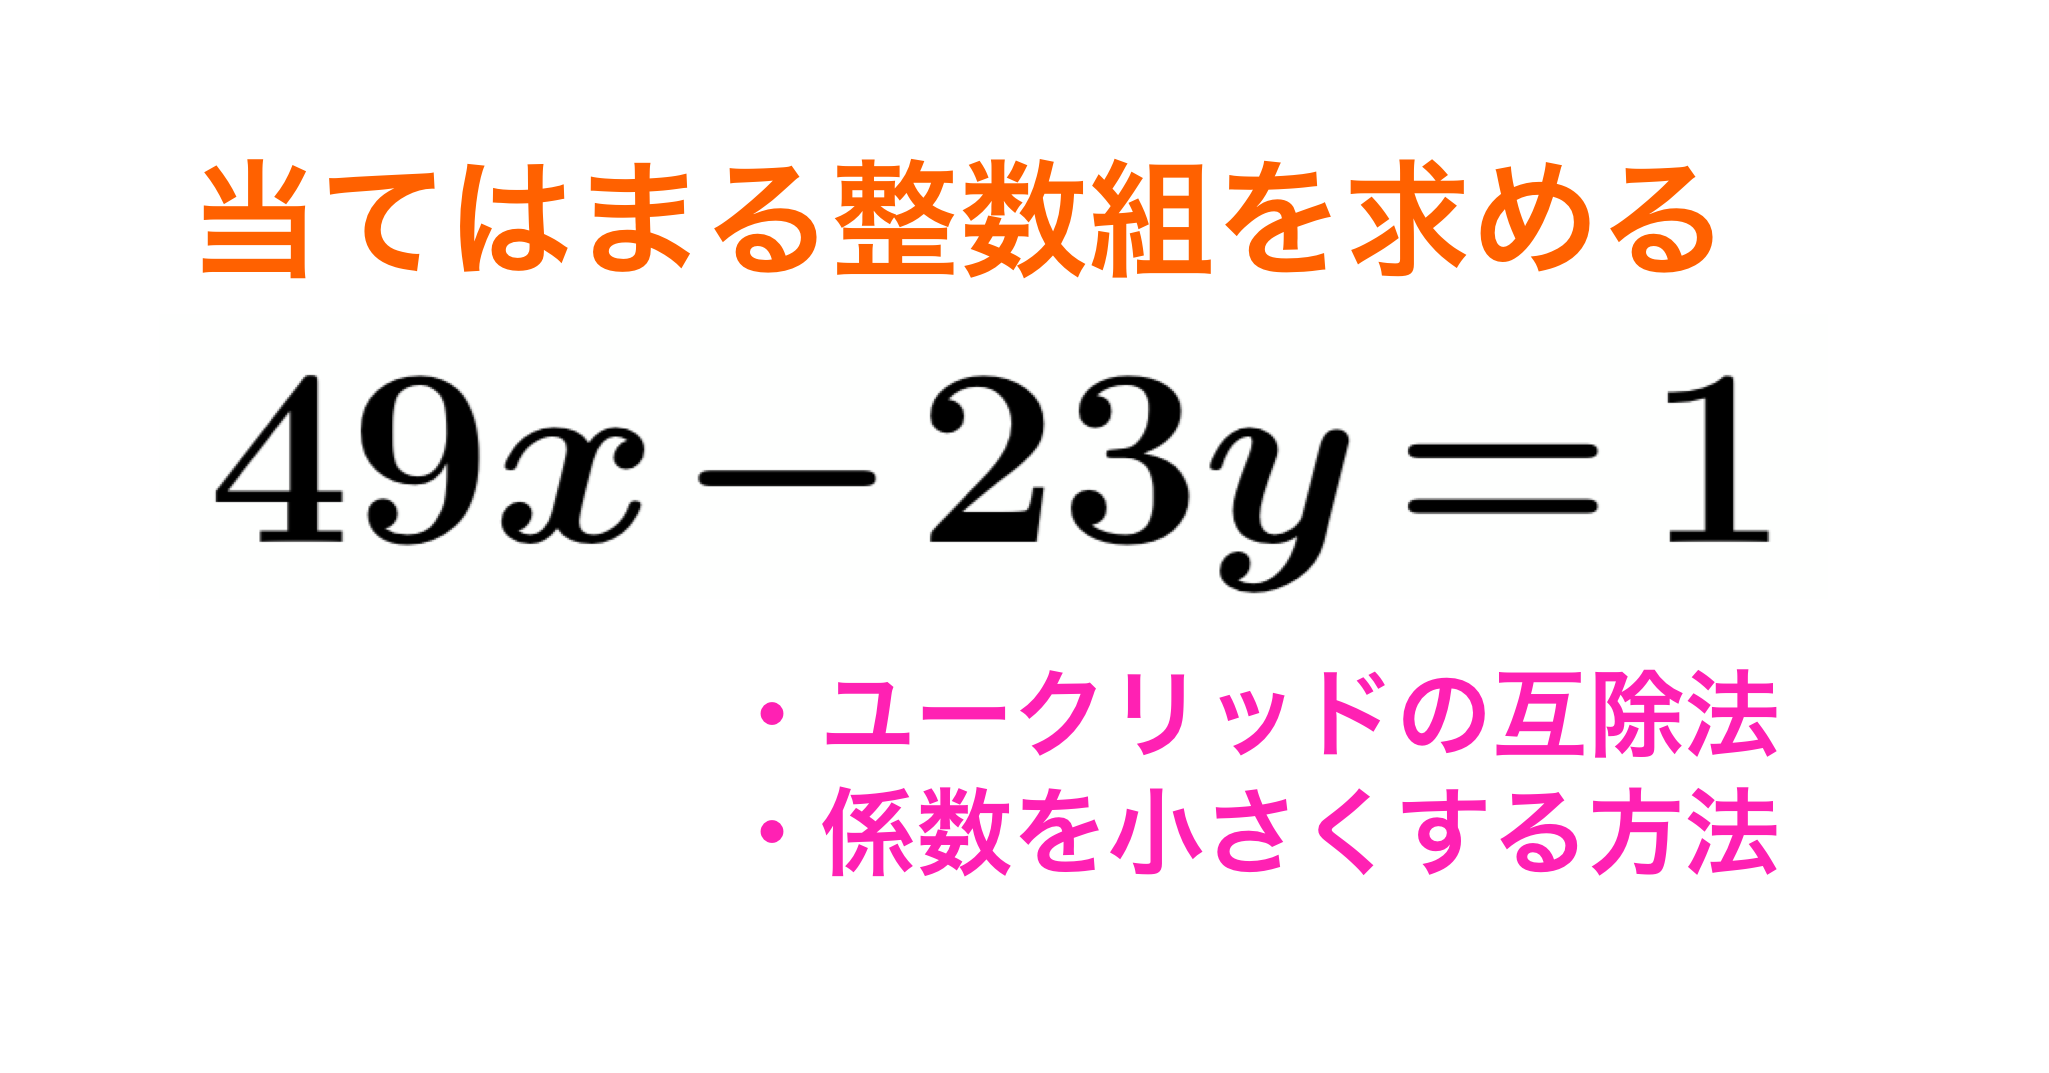 一次不定方程式】当てはまる整数解(特殊解)の求め方 | すうがくブログ ...